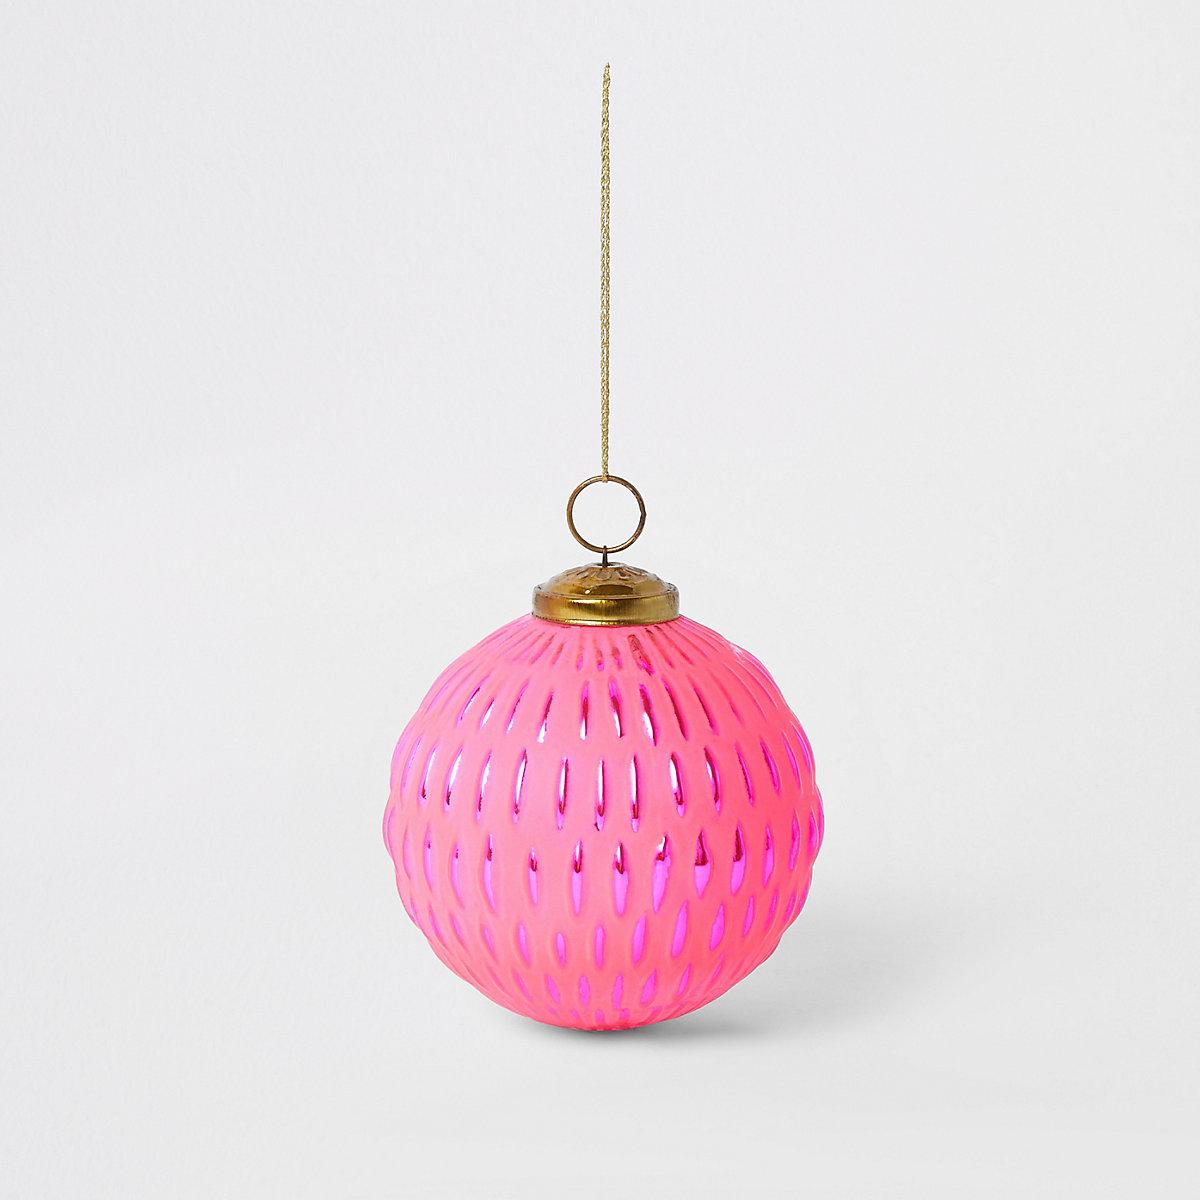 Large bright pink metallic bauble